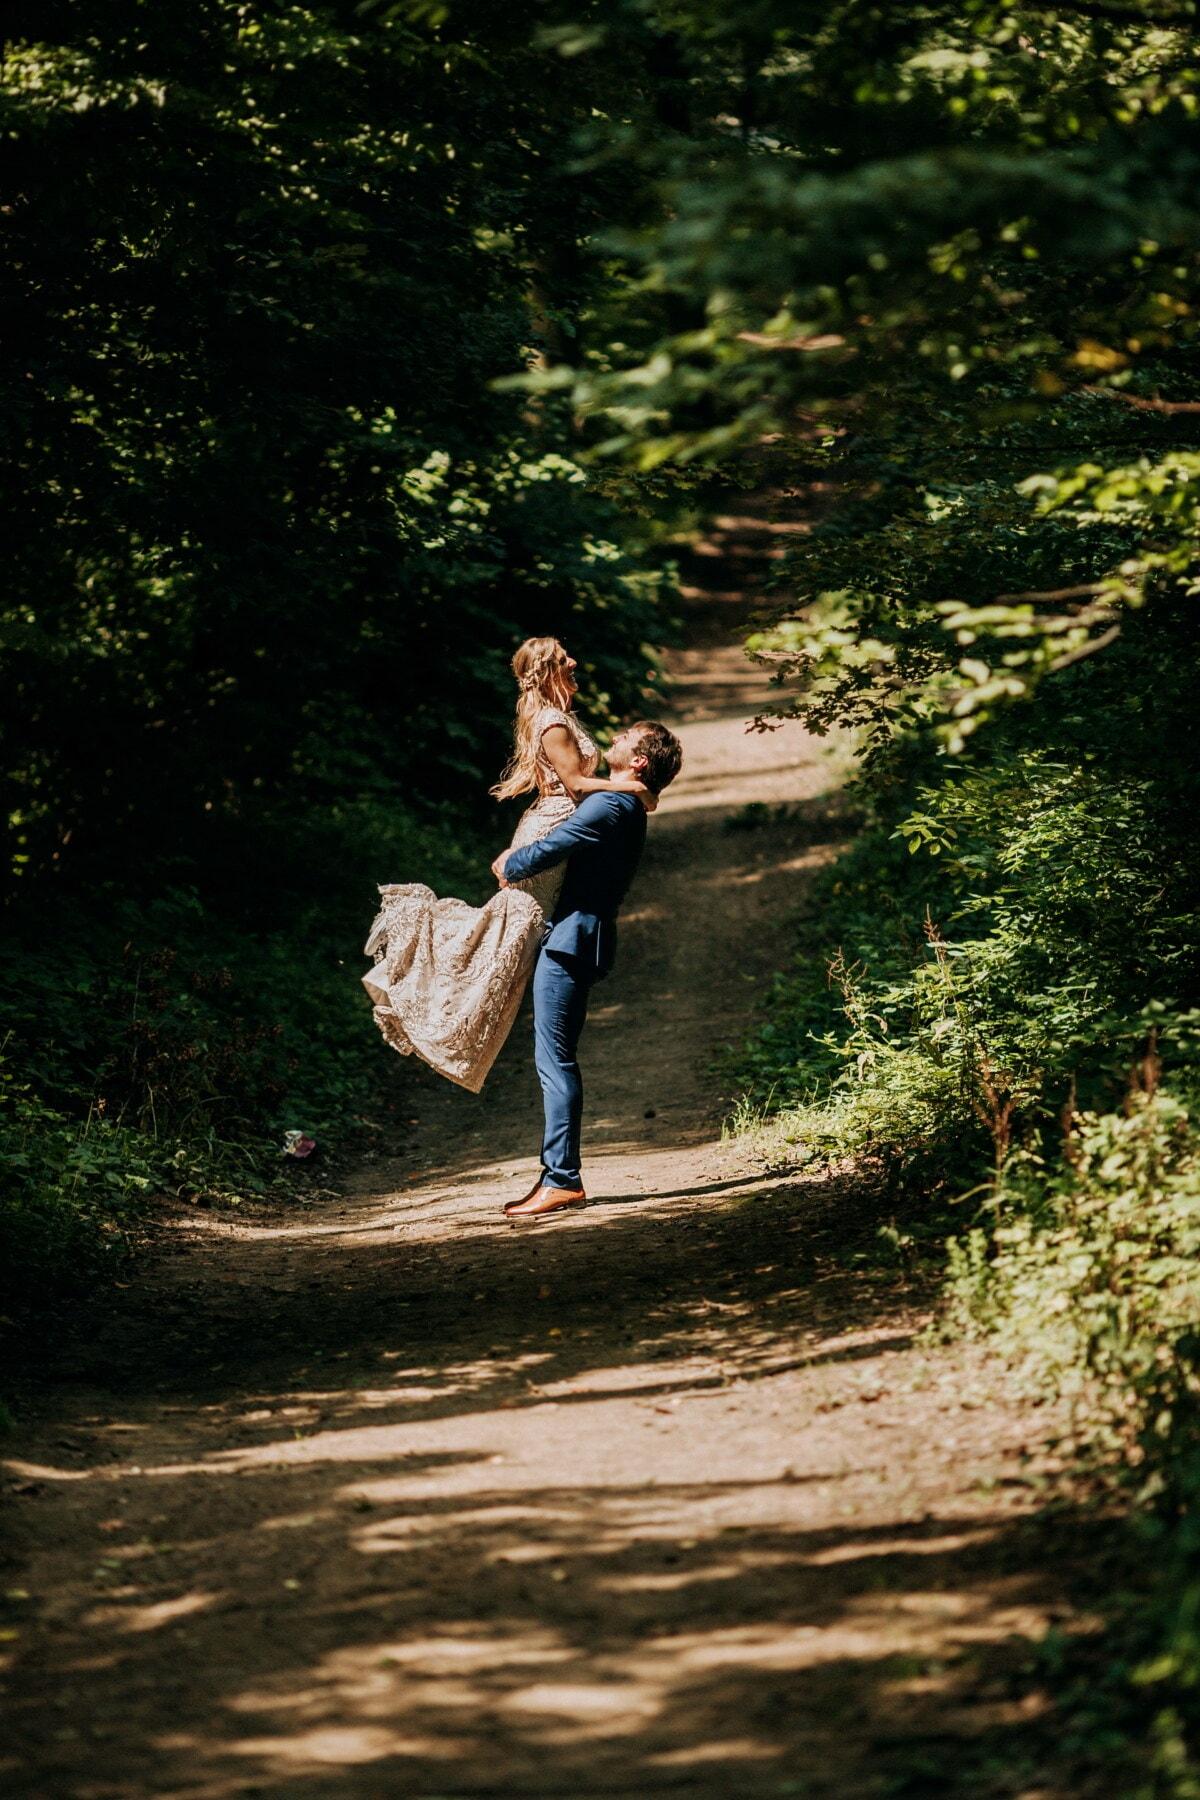 tendresse, petit ami, petite amie, date d'amour, chemin forestier, randonnée, bois, arbre, Conseil d'administration, jeune fille